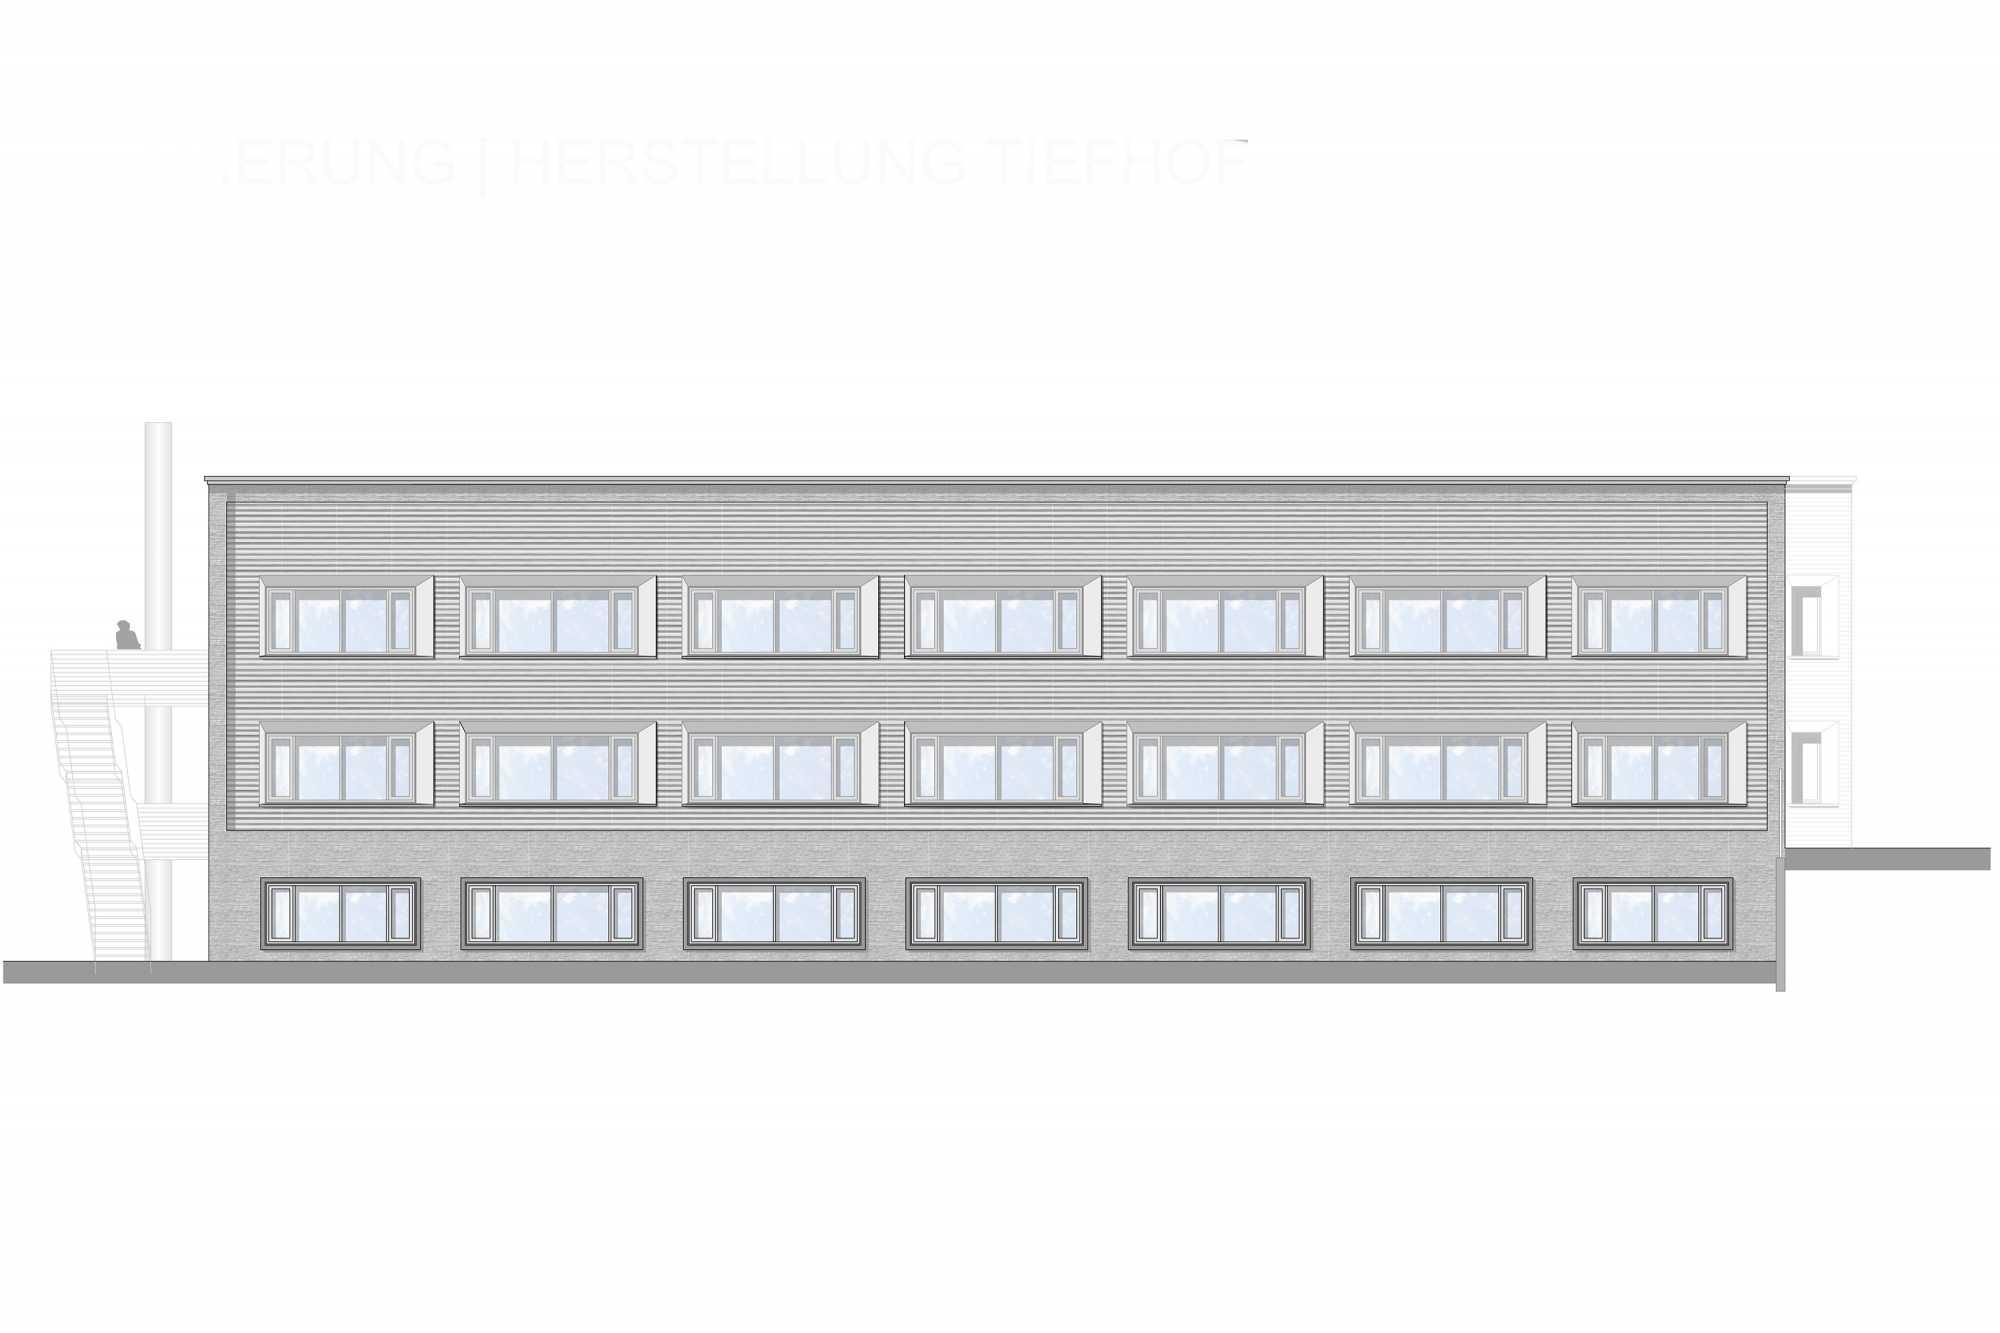 Baubeginn Kernsanierung Büro- und Verwaltungsgebäude  ({project_images:field_row_count})